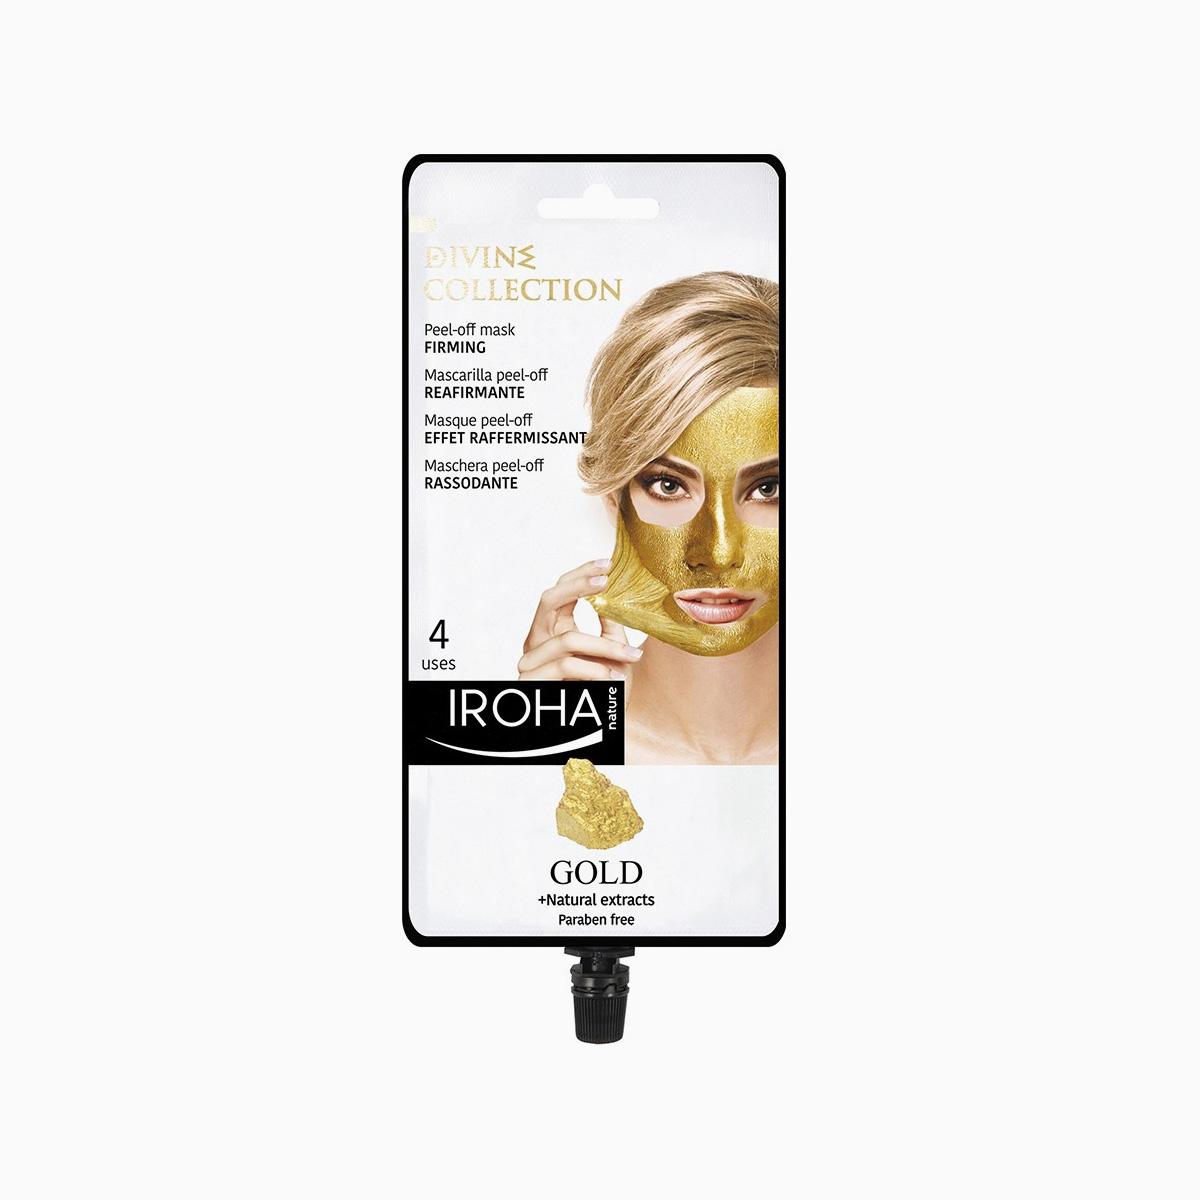 naturora produit masque or 24k peel off